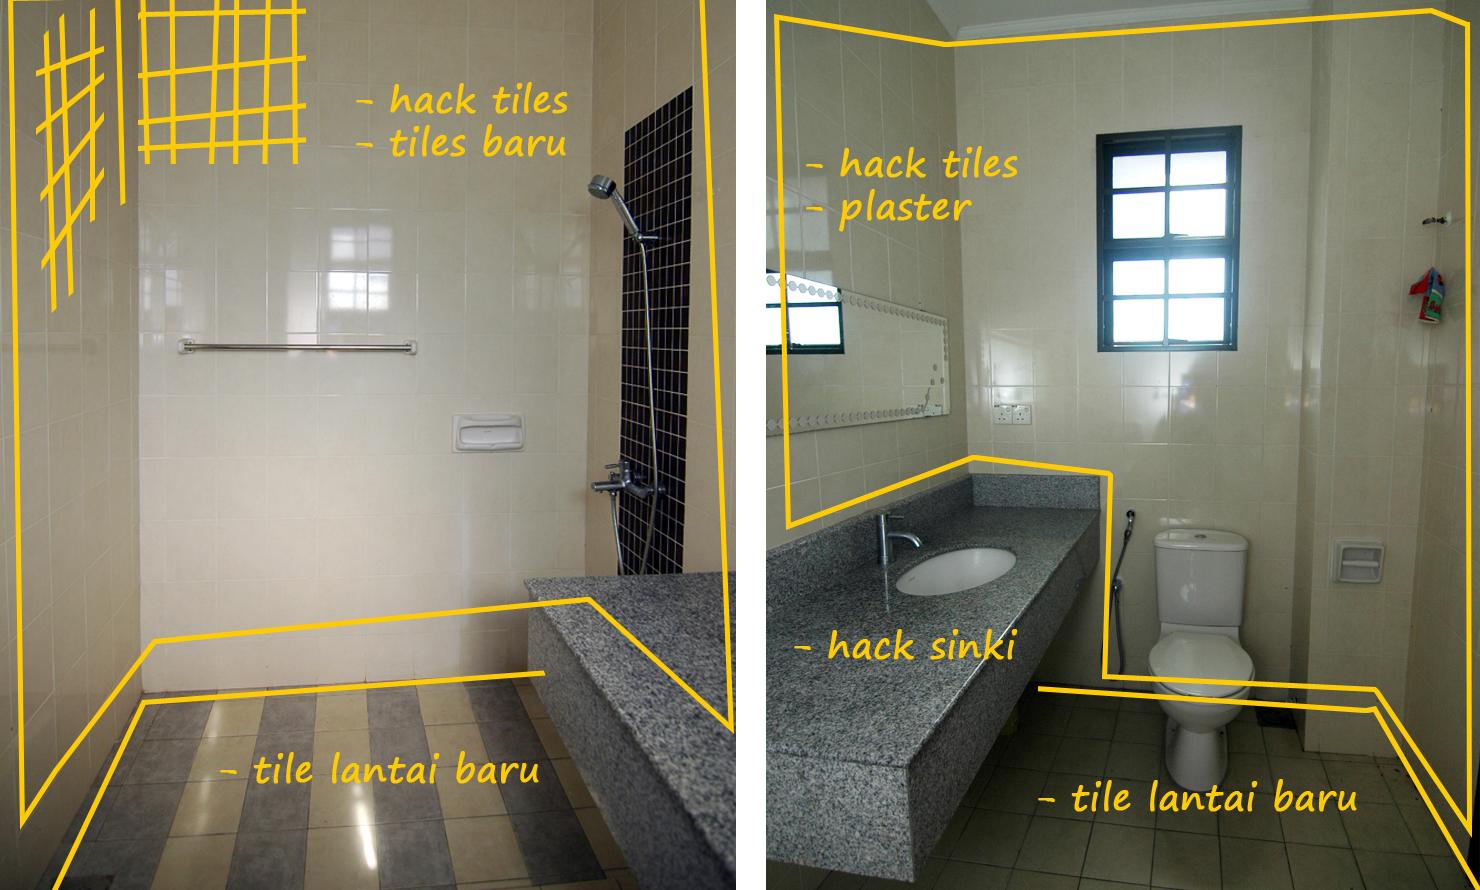 Untuk Bilik Air Tidur Utama Kaunter Sink Yang Besar Tu Perlu Digantikan Dengan Lebih Praktikal Kami Berdua